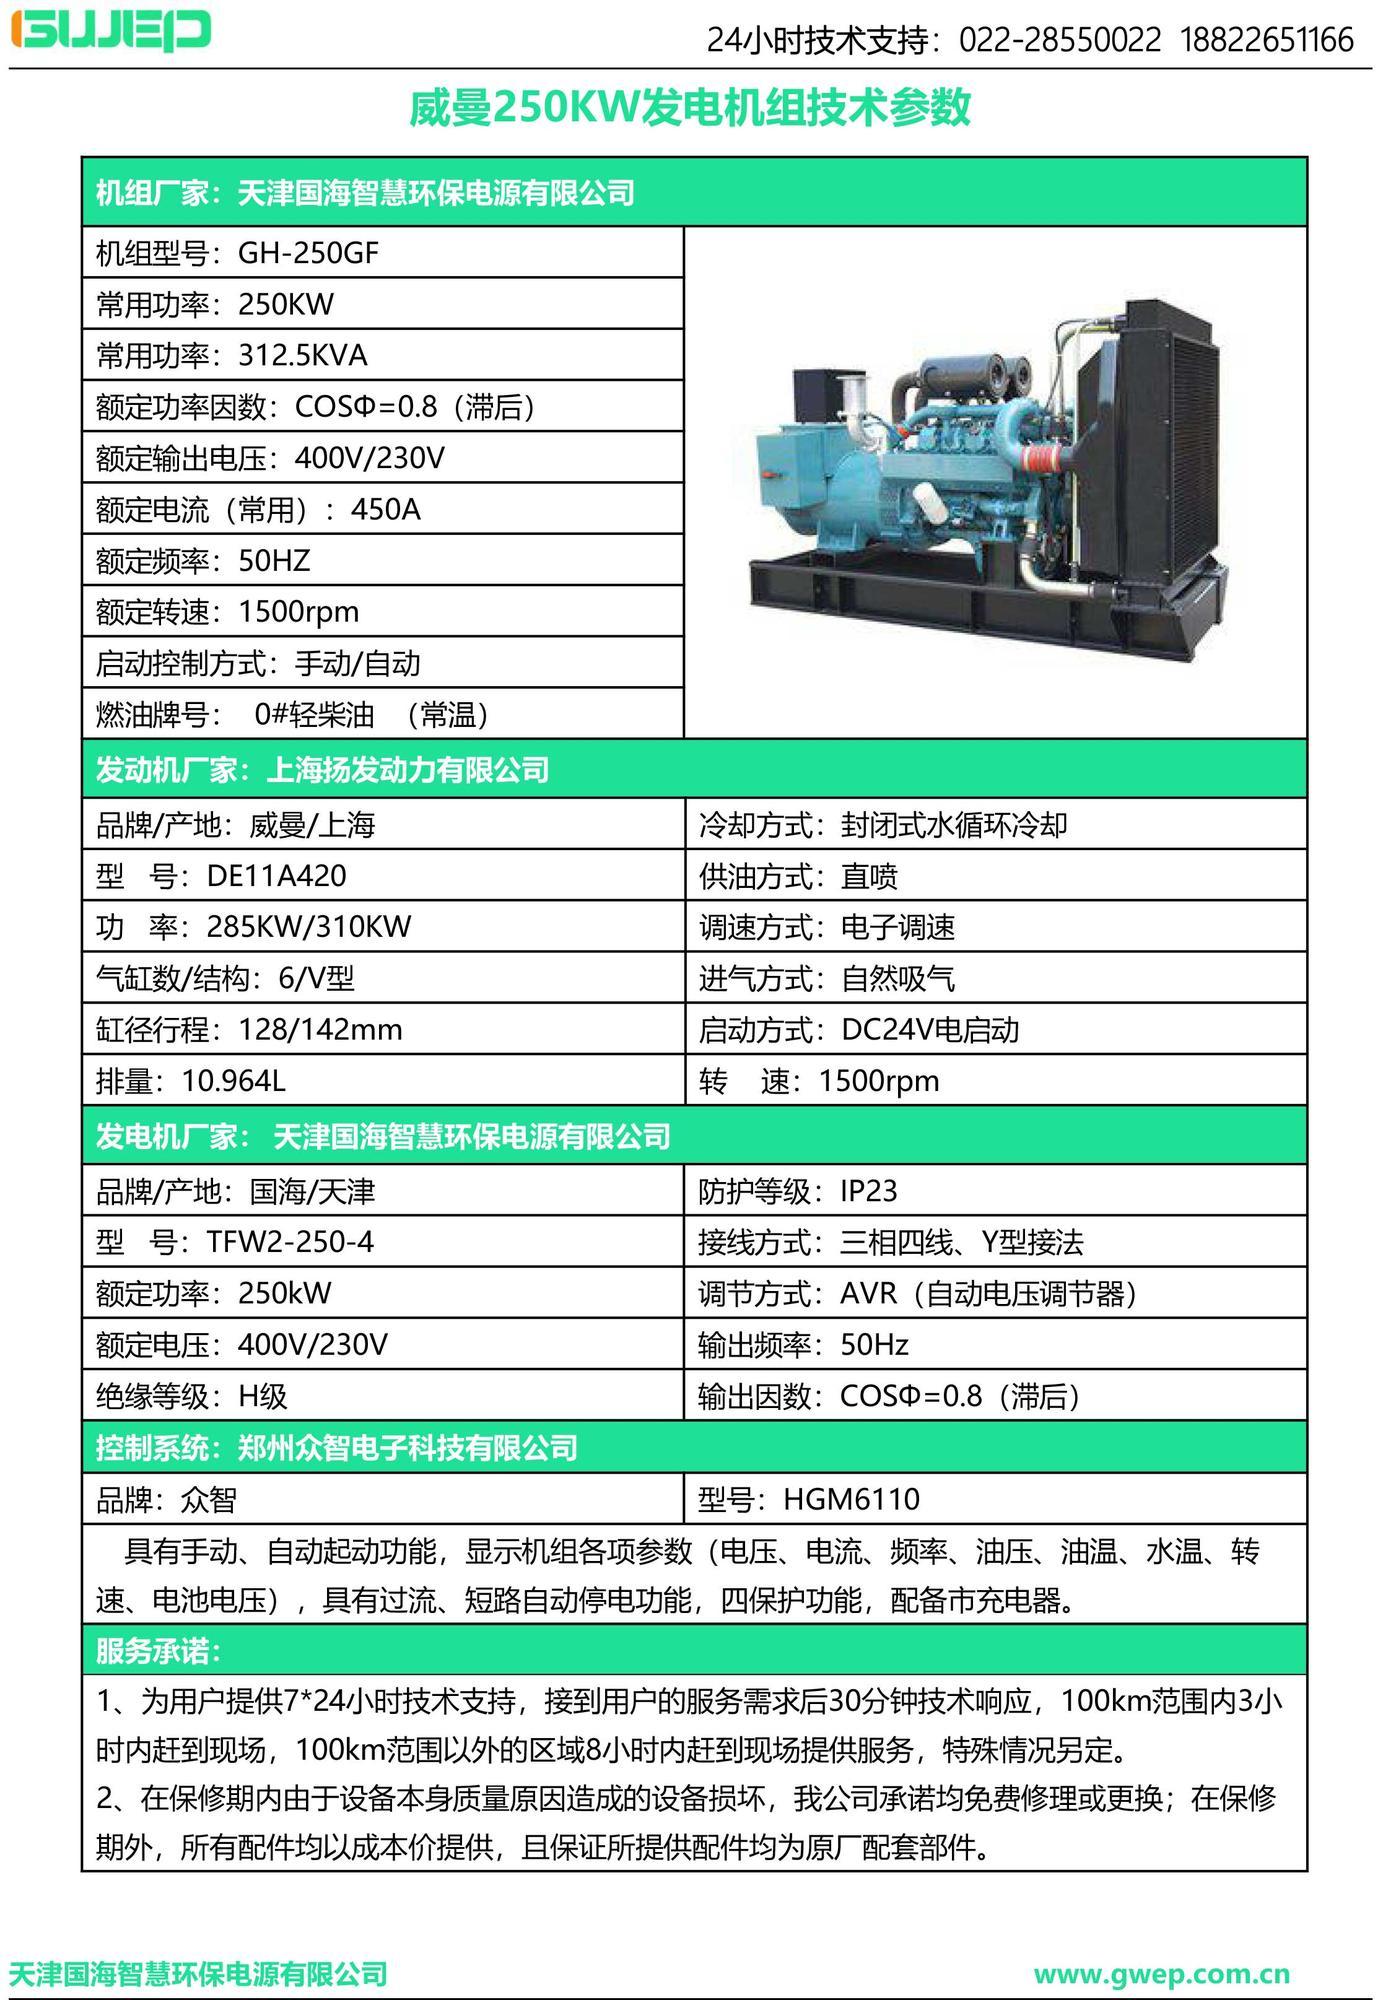 威曼250KW发电机组技术资料-2.jpg